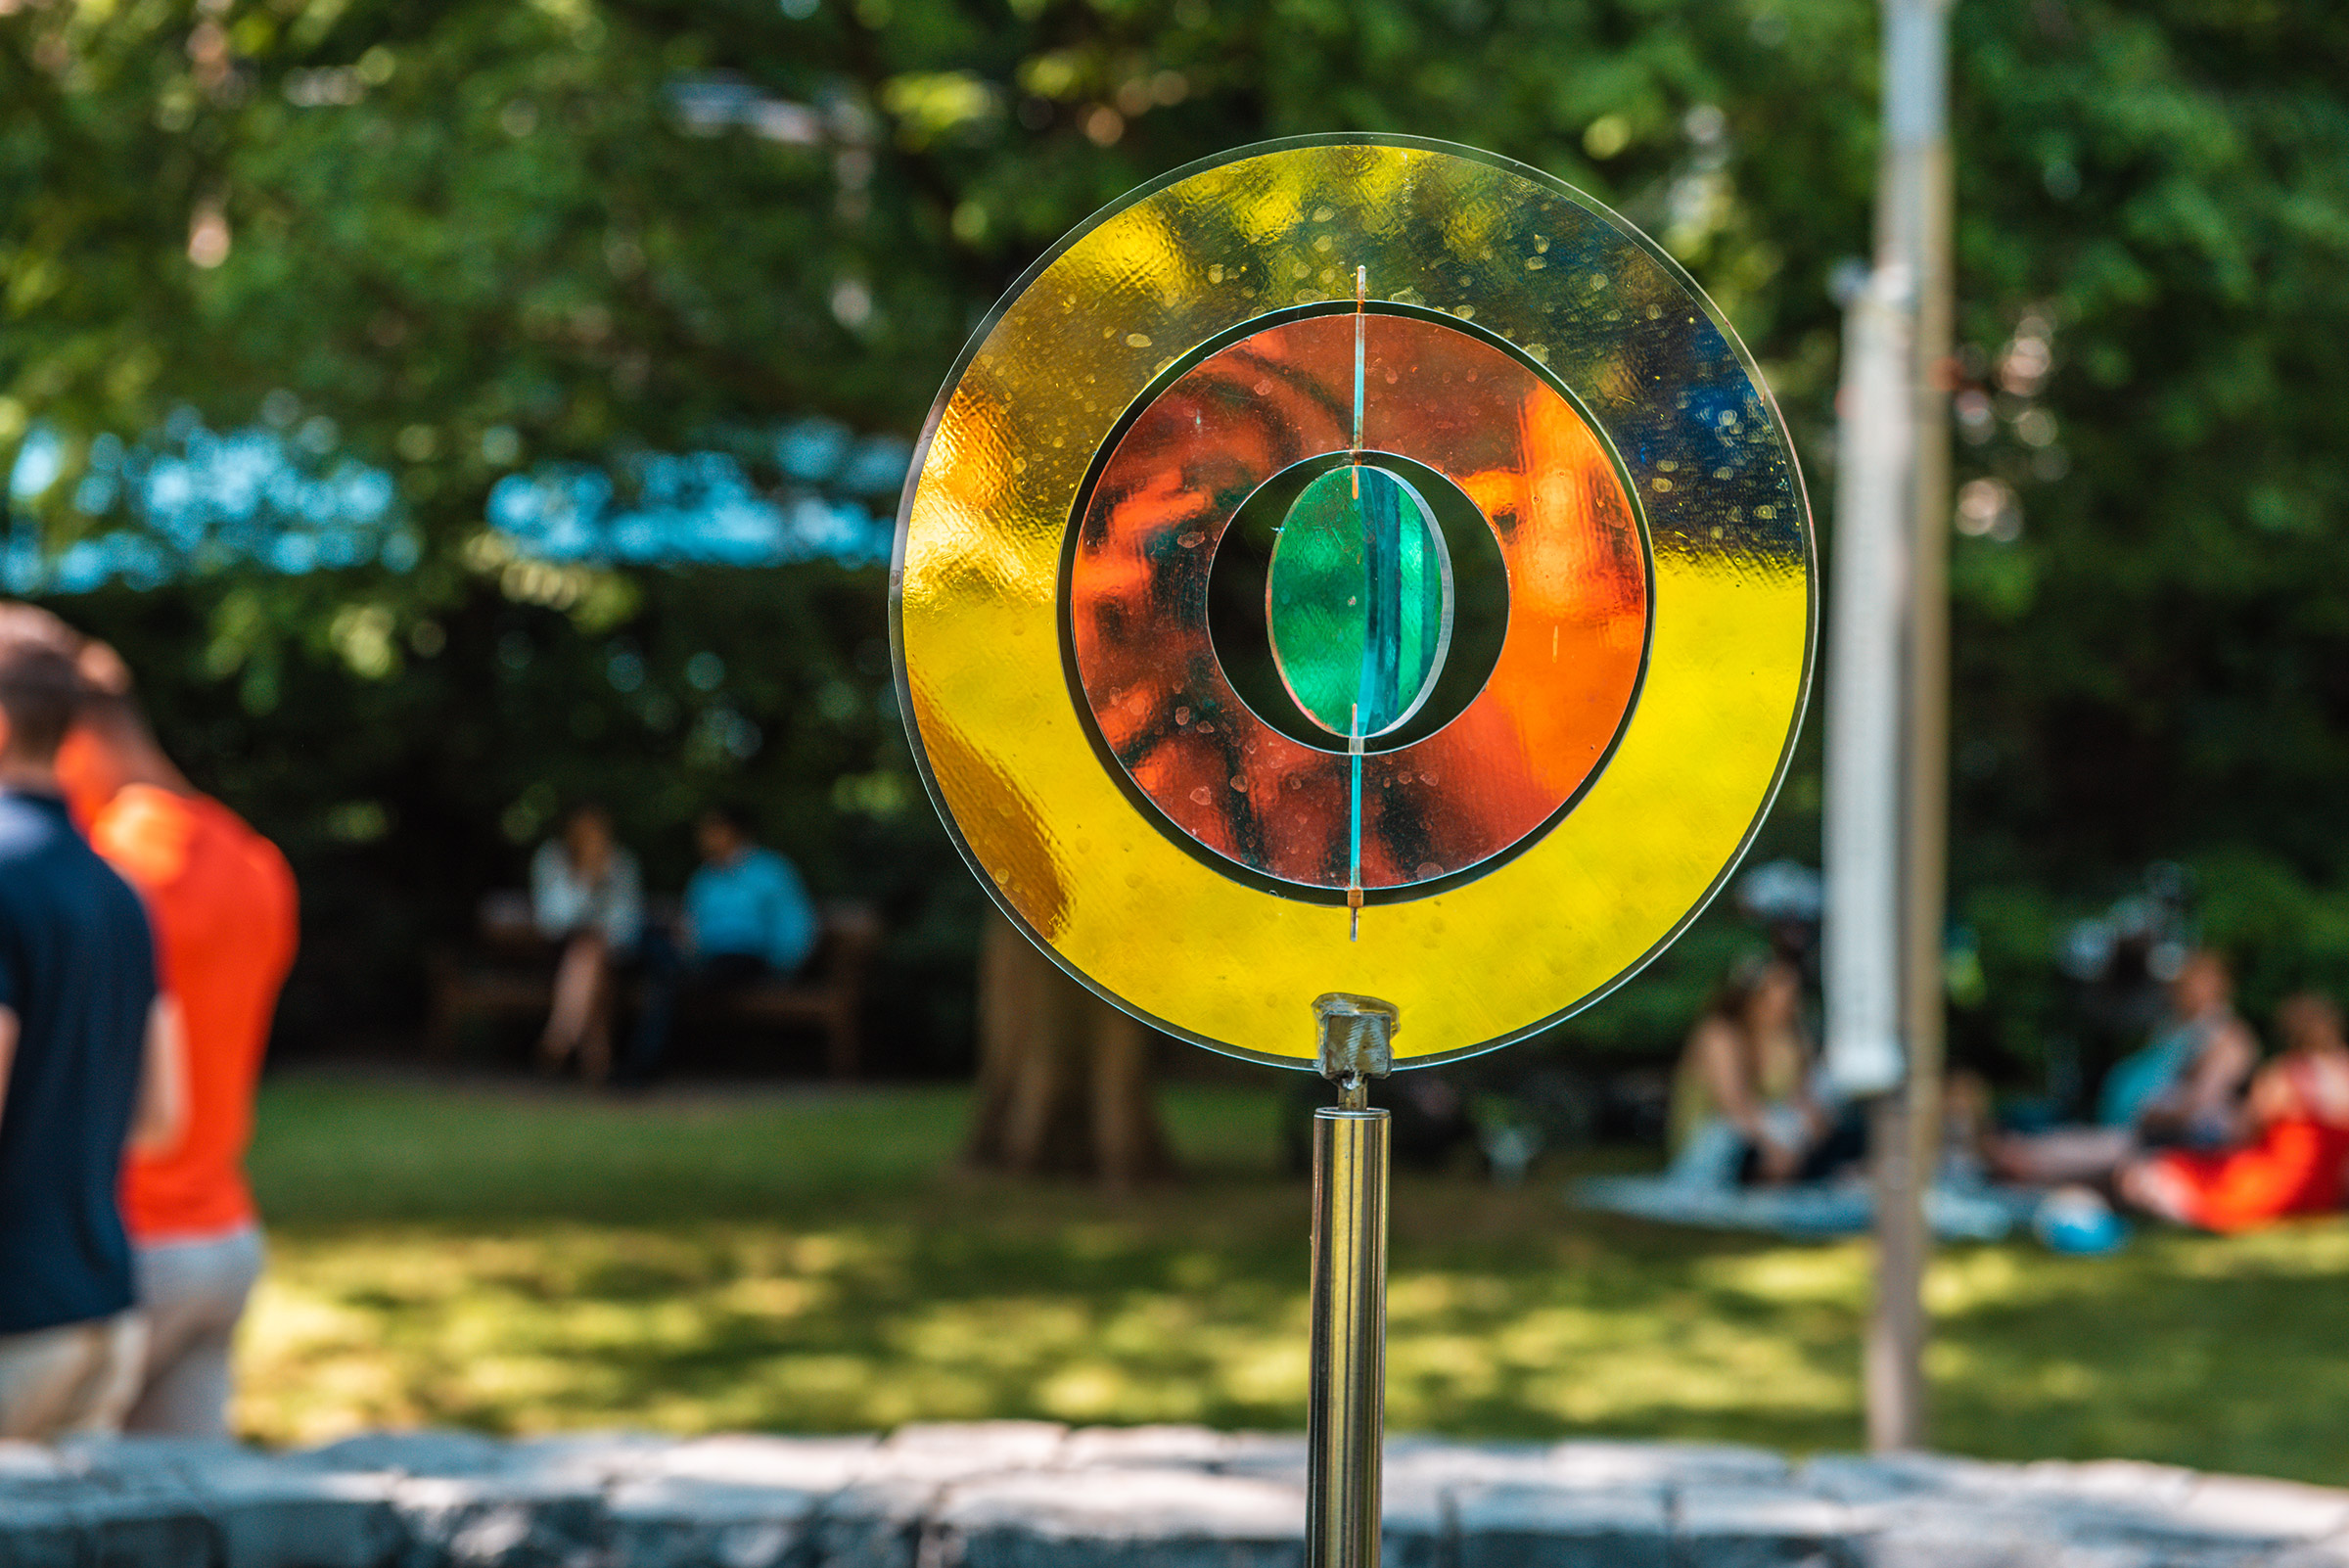 Round and Round Installation by Martin Richman